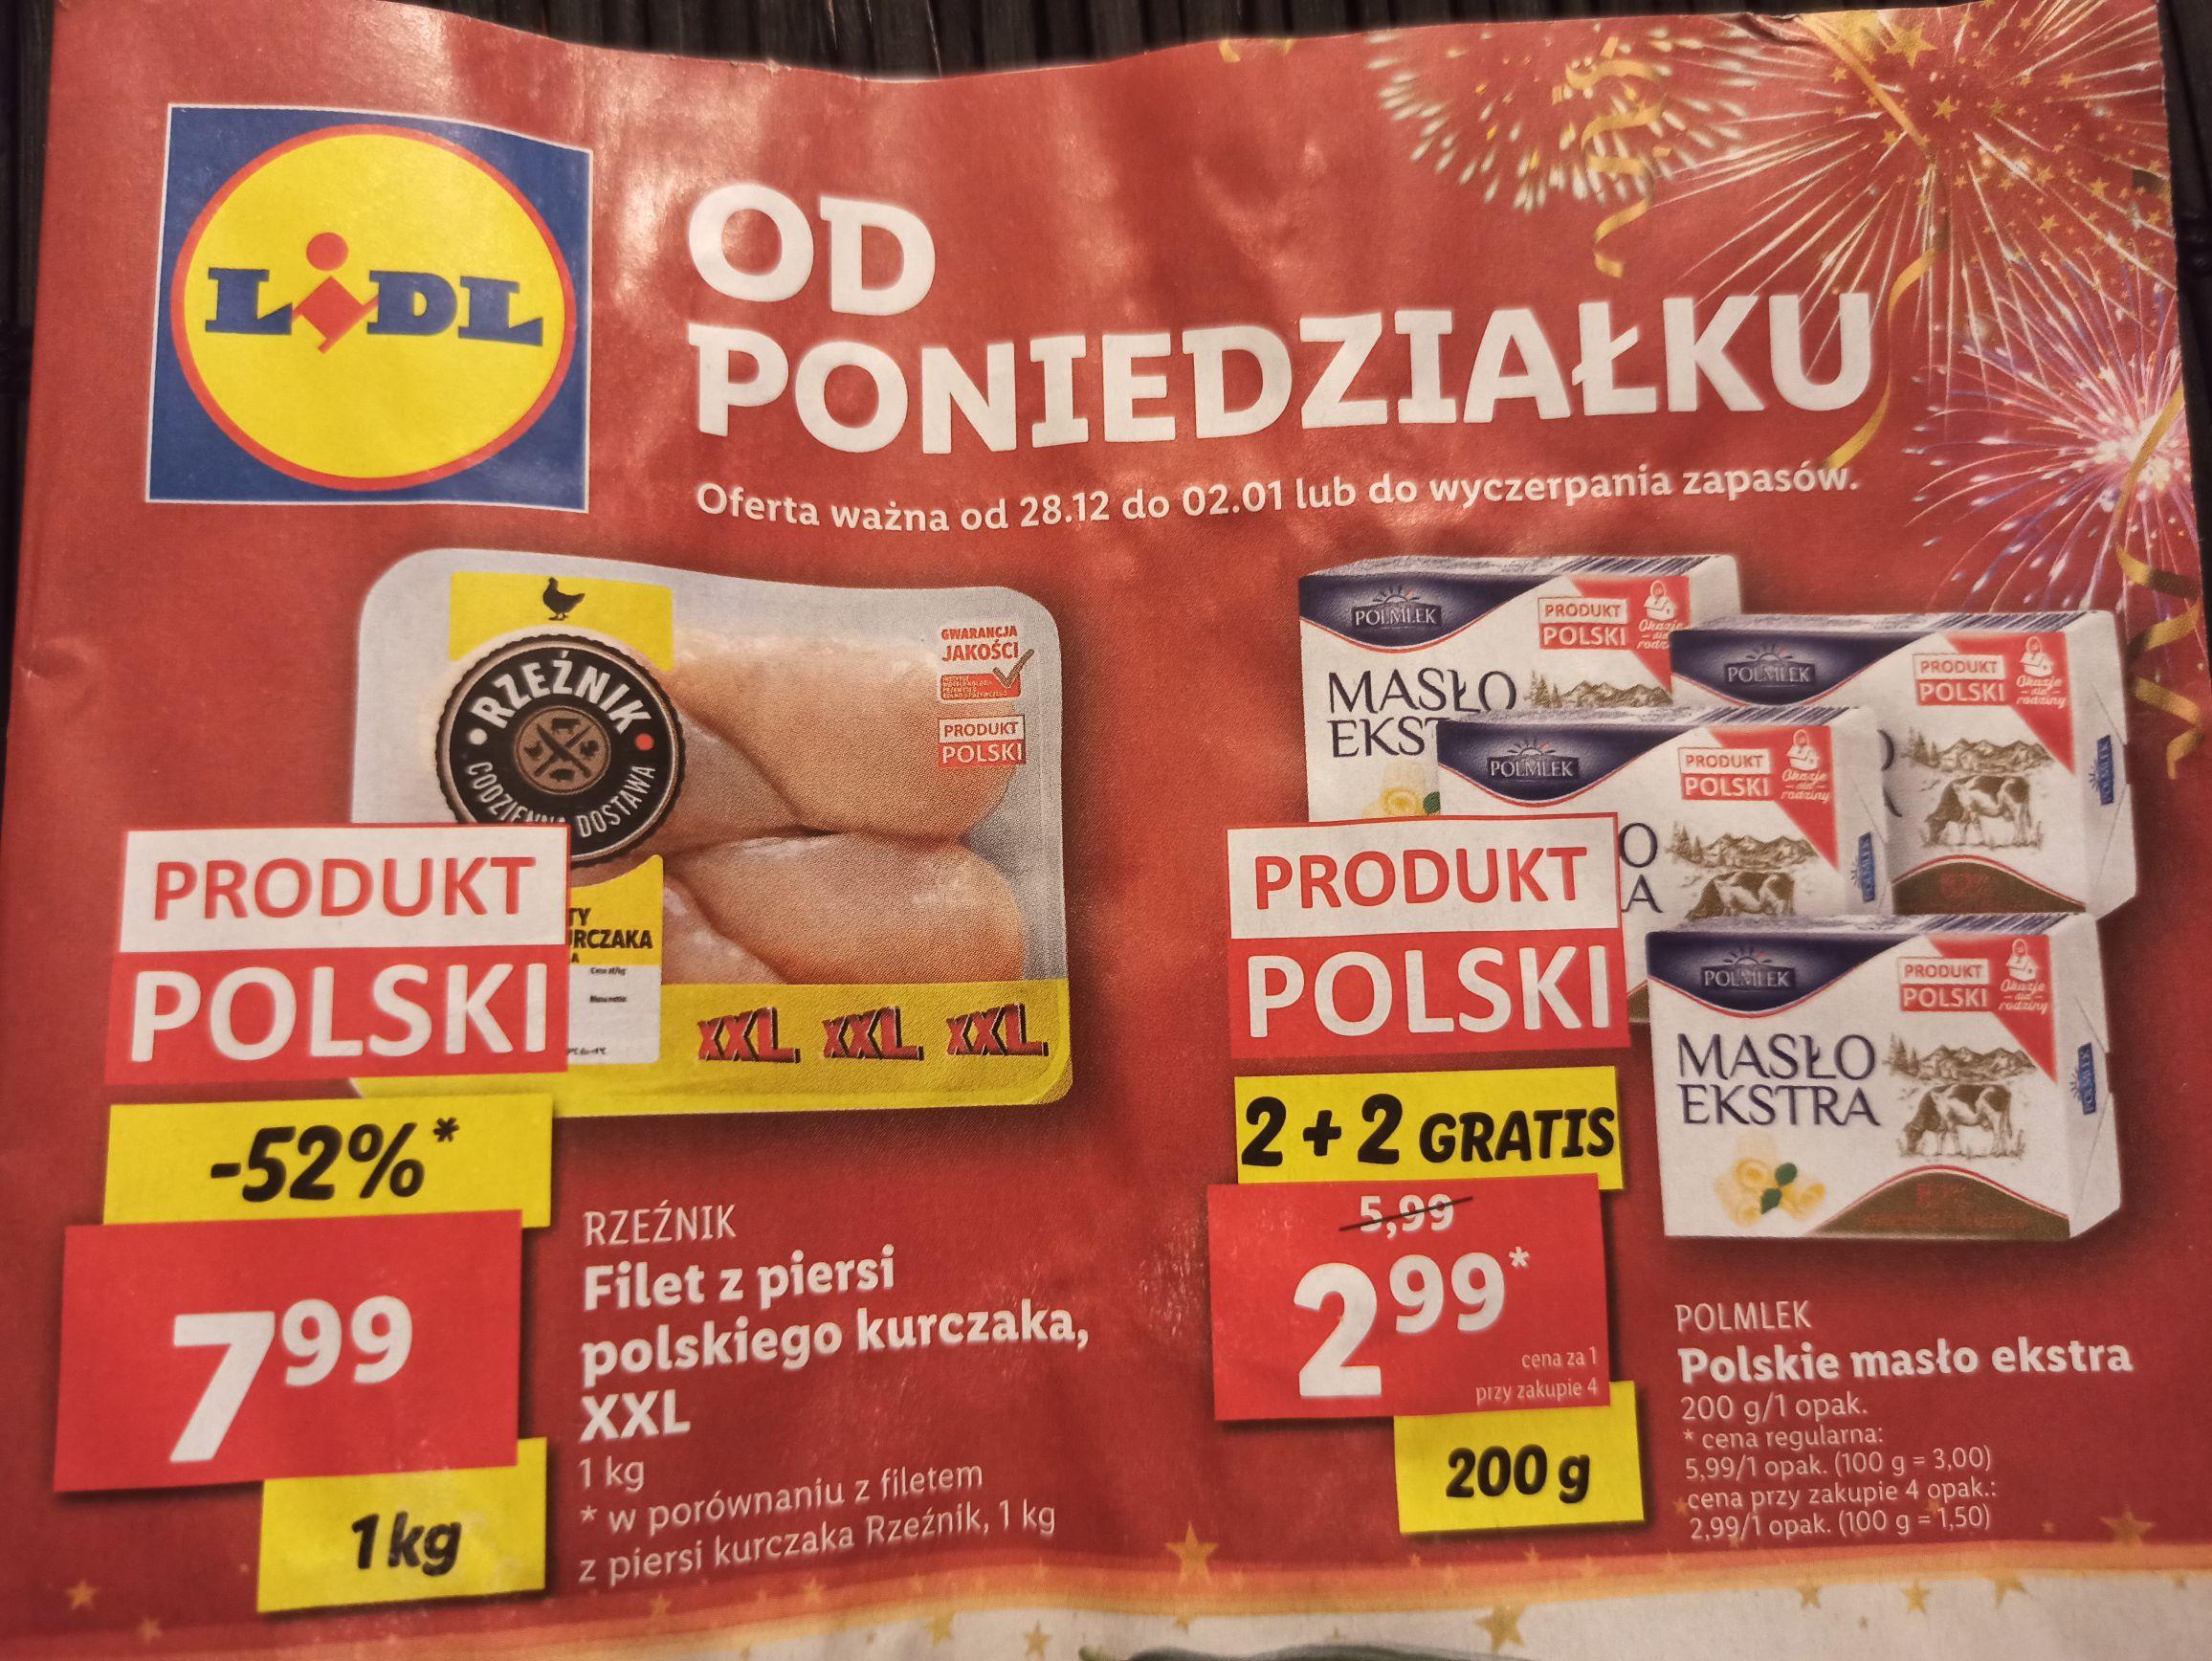 Masło Polmlek 2.99 za kostkę 200 gramów przy zakupie 4 sztuk. Filet z kurczaka 7.99 kg. Lidl